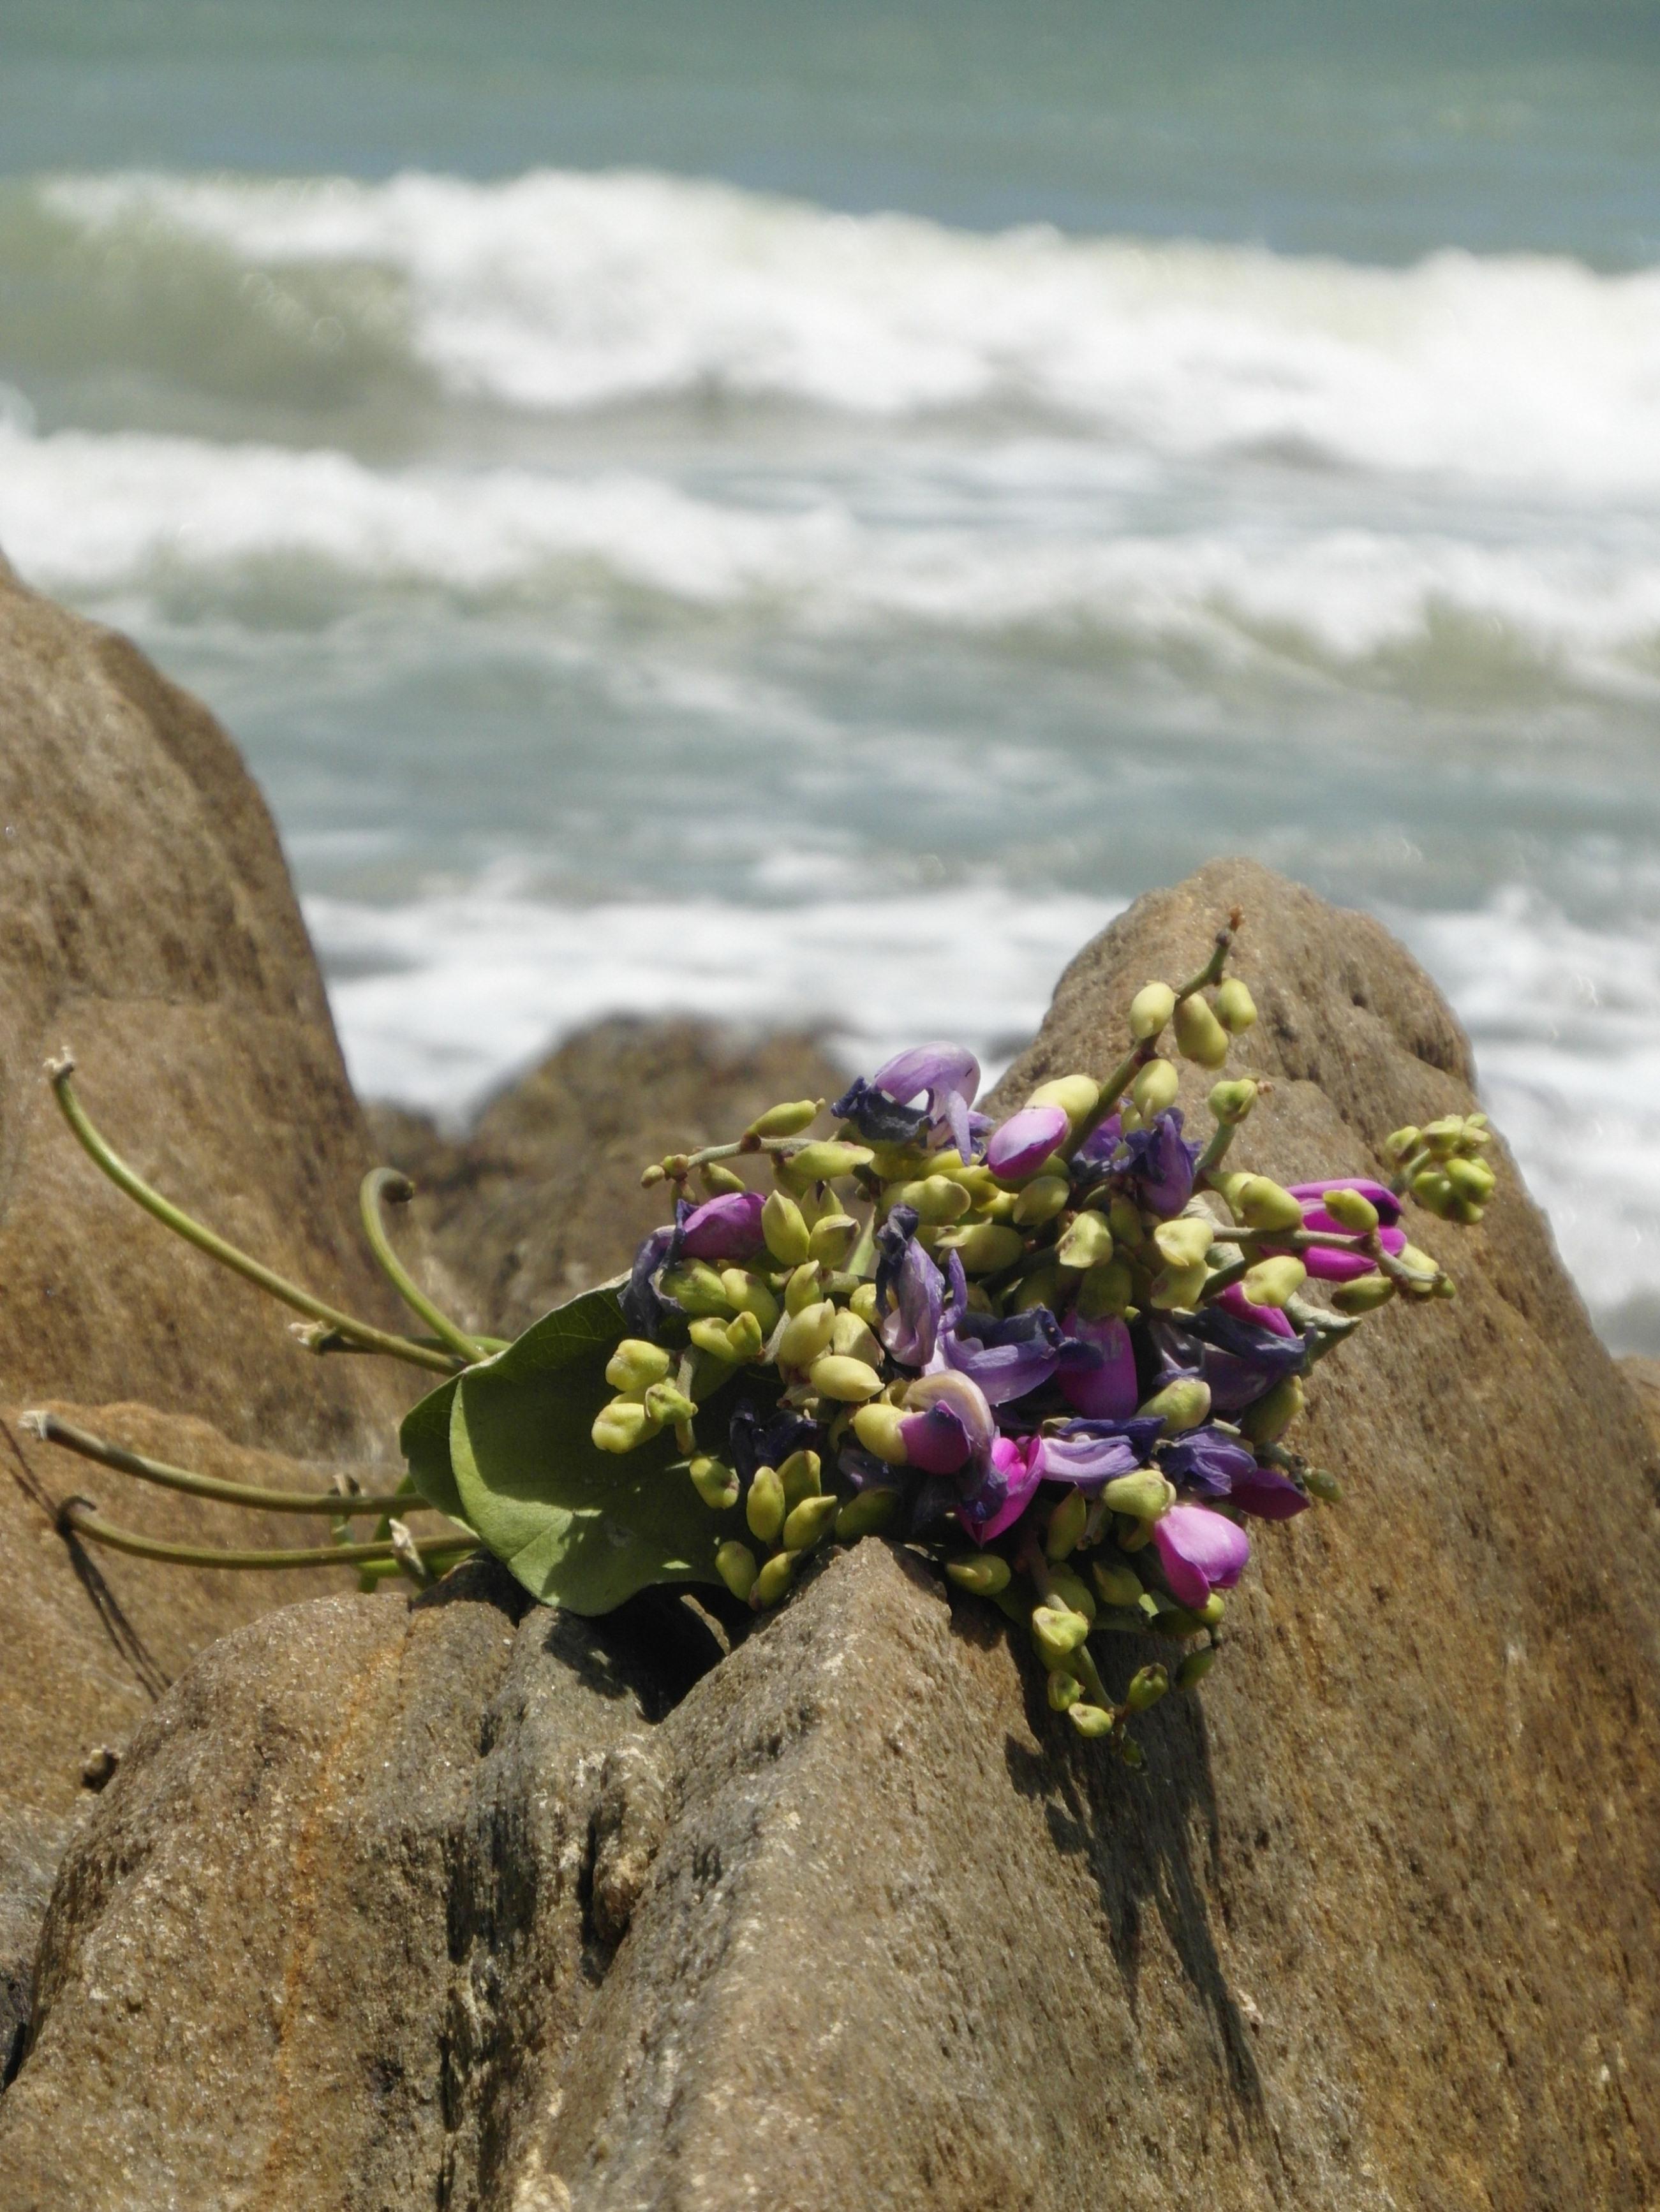 Bouquet on ocean rocks photo